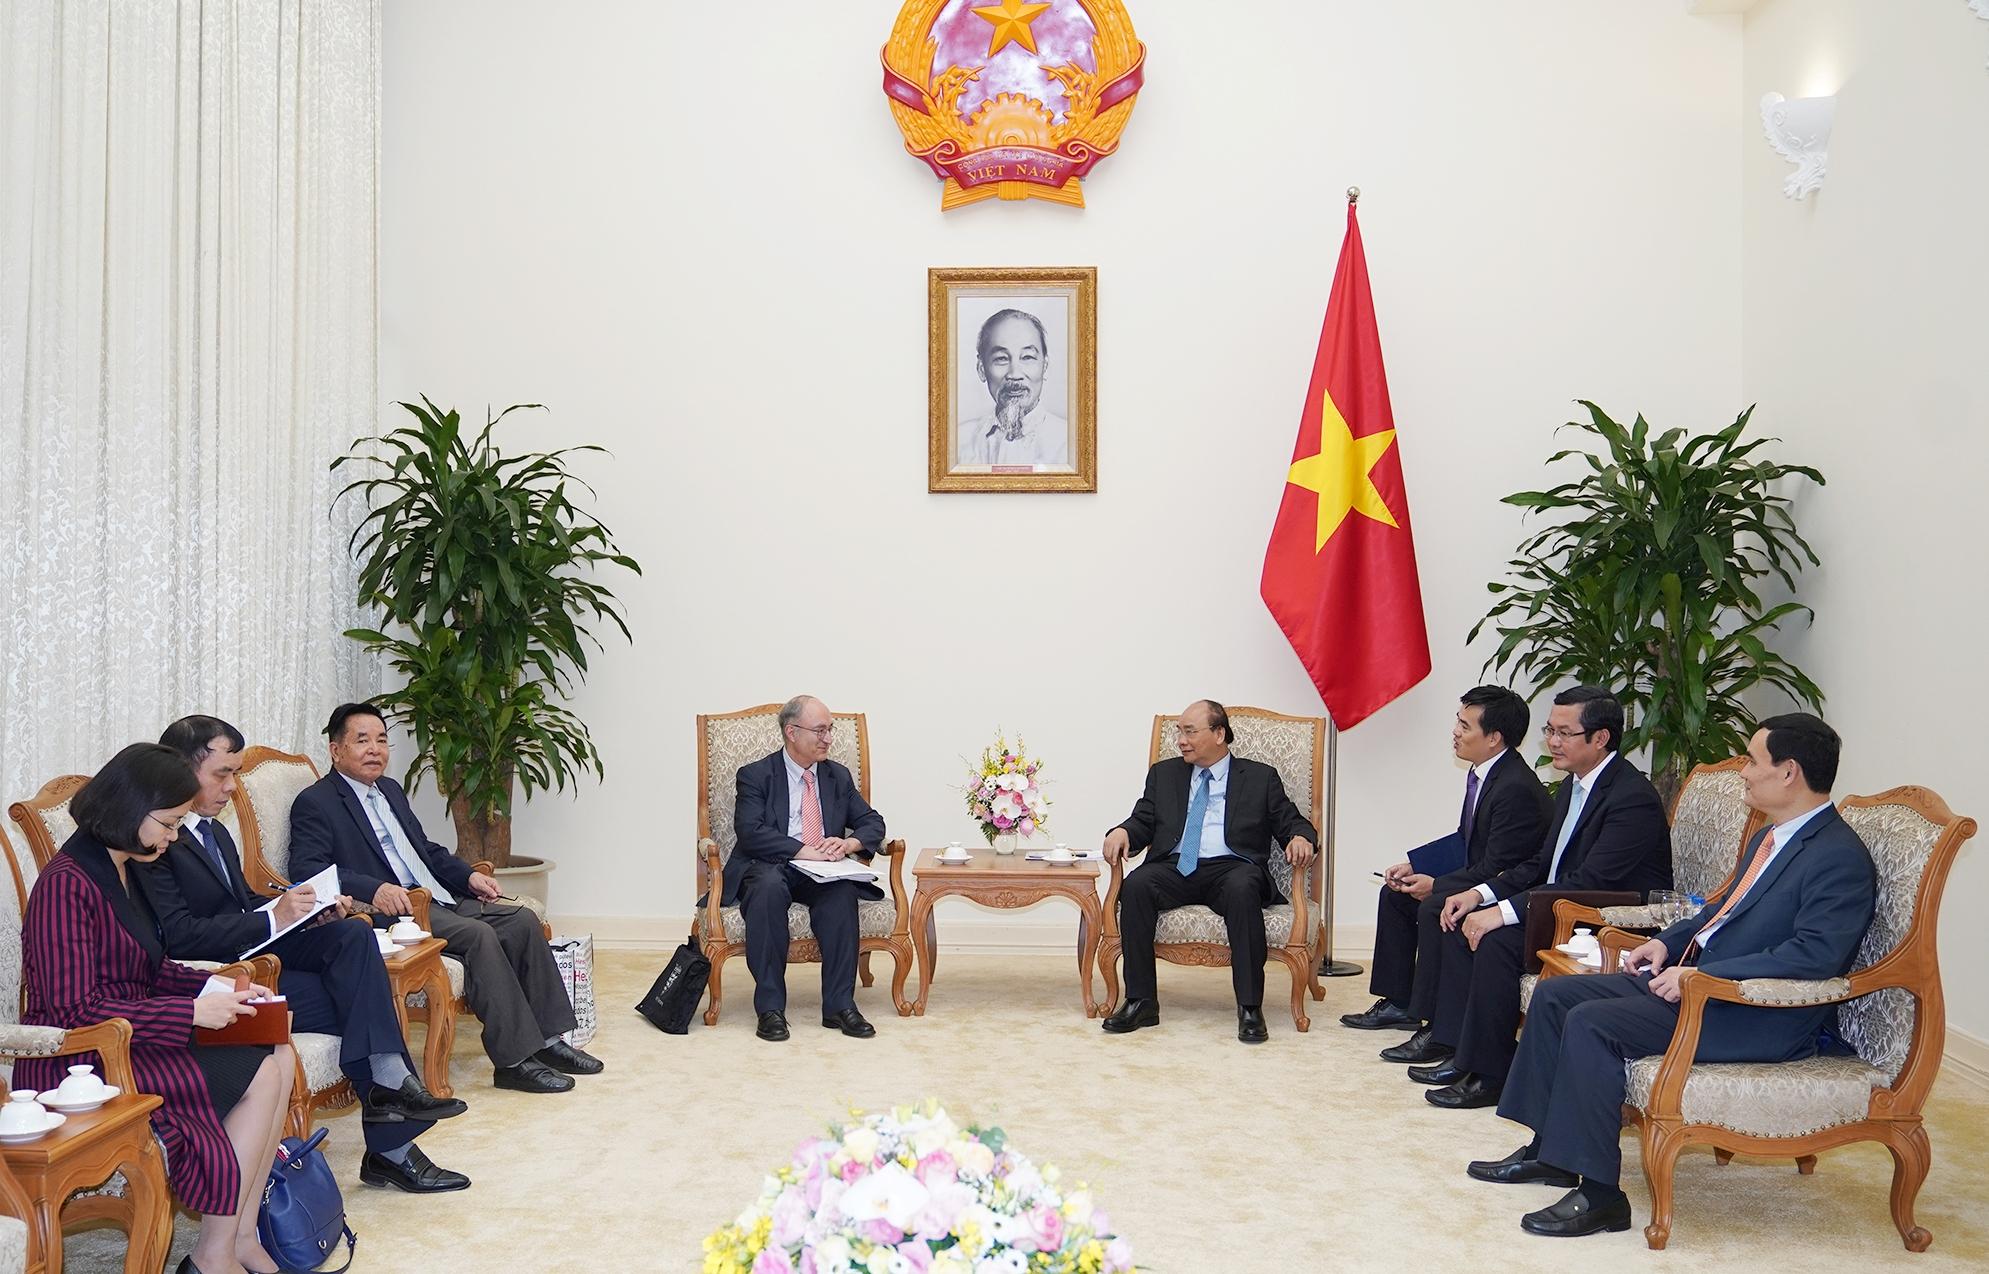 Thúc đẩy hợp tác Việt Nam - Đức trong lĩnh vực giáo dục - đào tạo